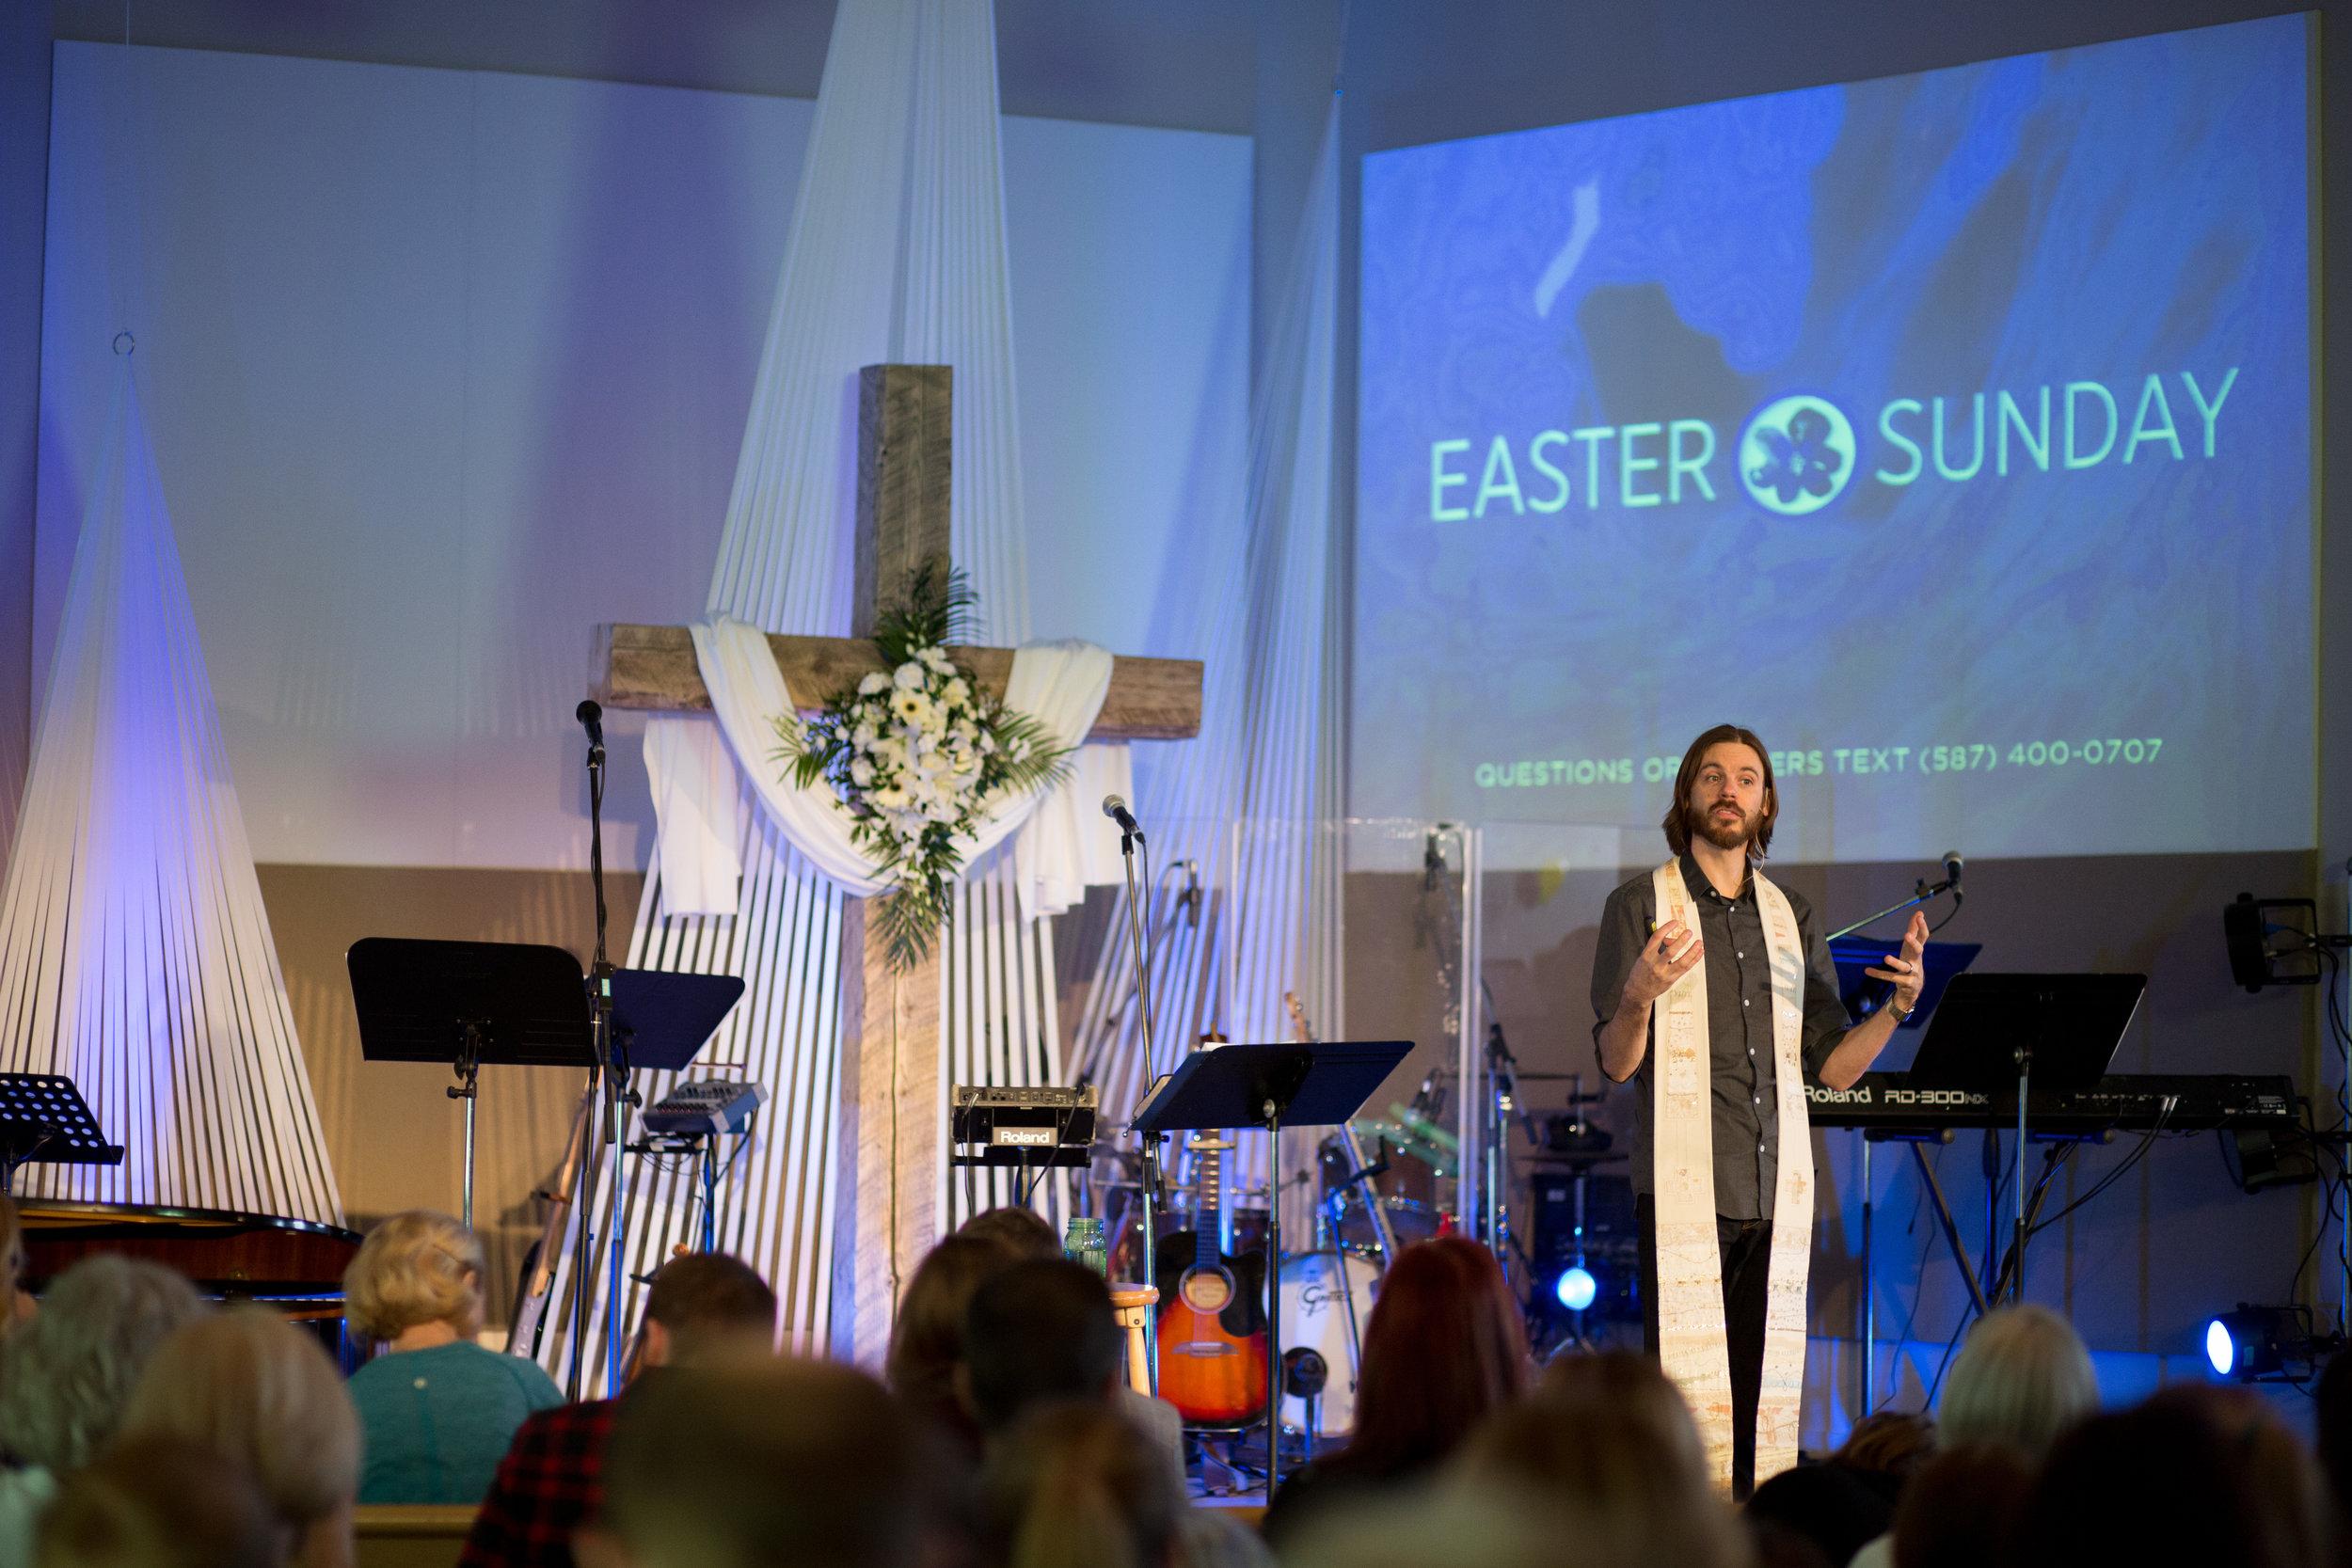 20170416 Easter Sunday LJ 0400.jpg